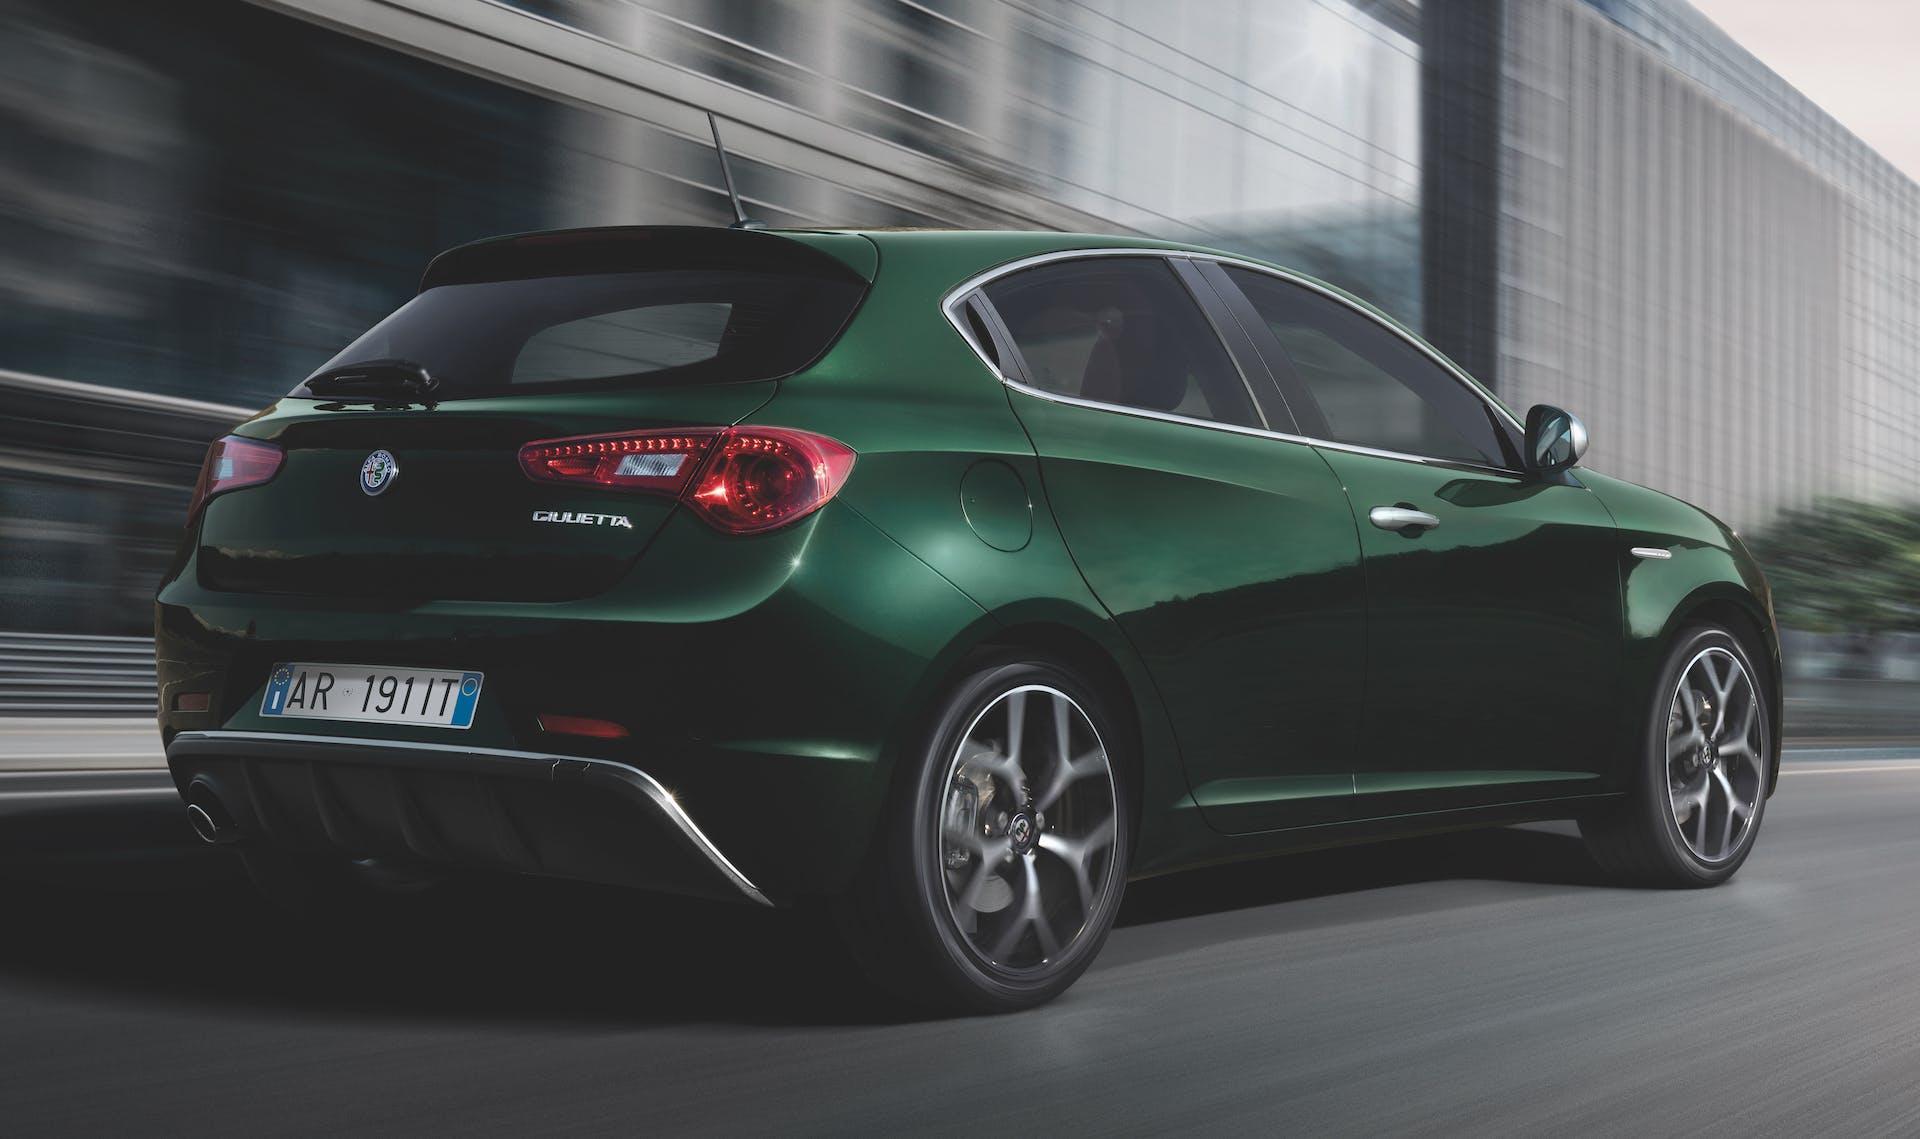 Alfa Romeo Giulietta 2019 3/4 posteriore verde visconti